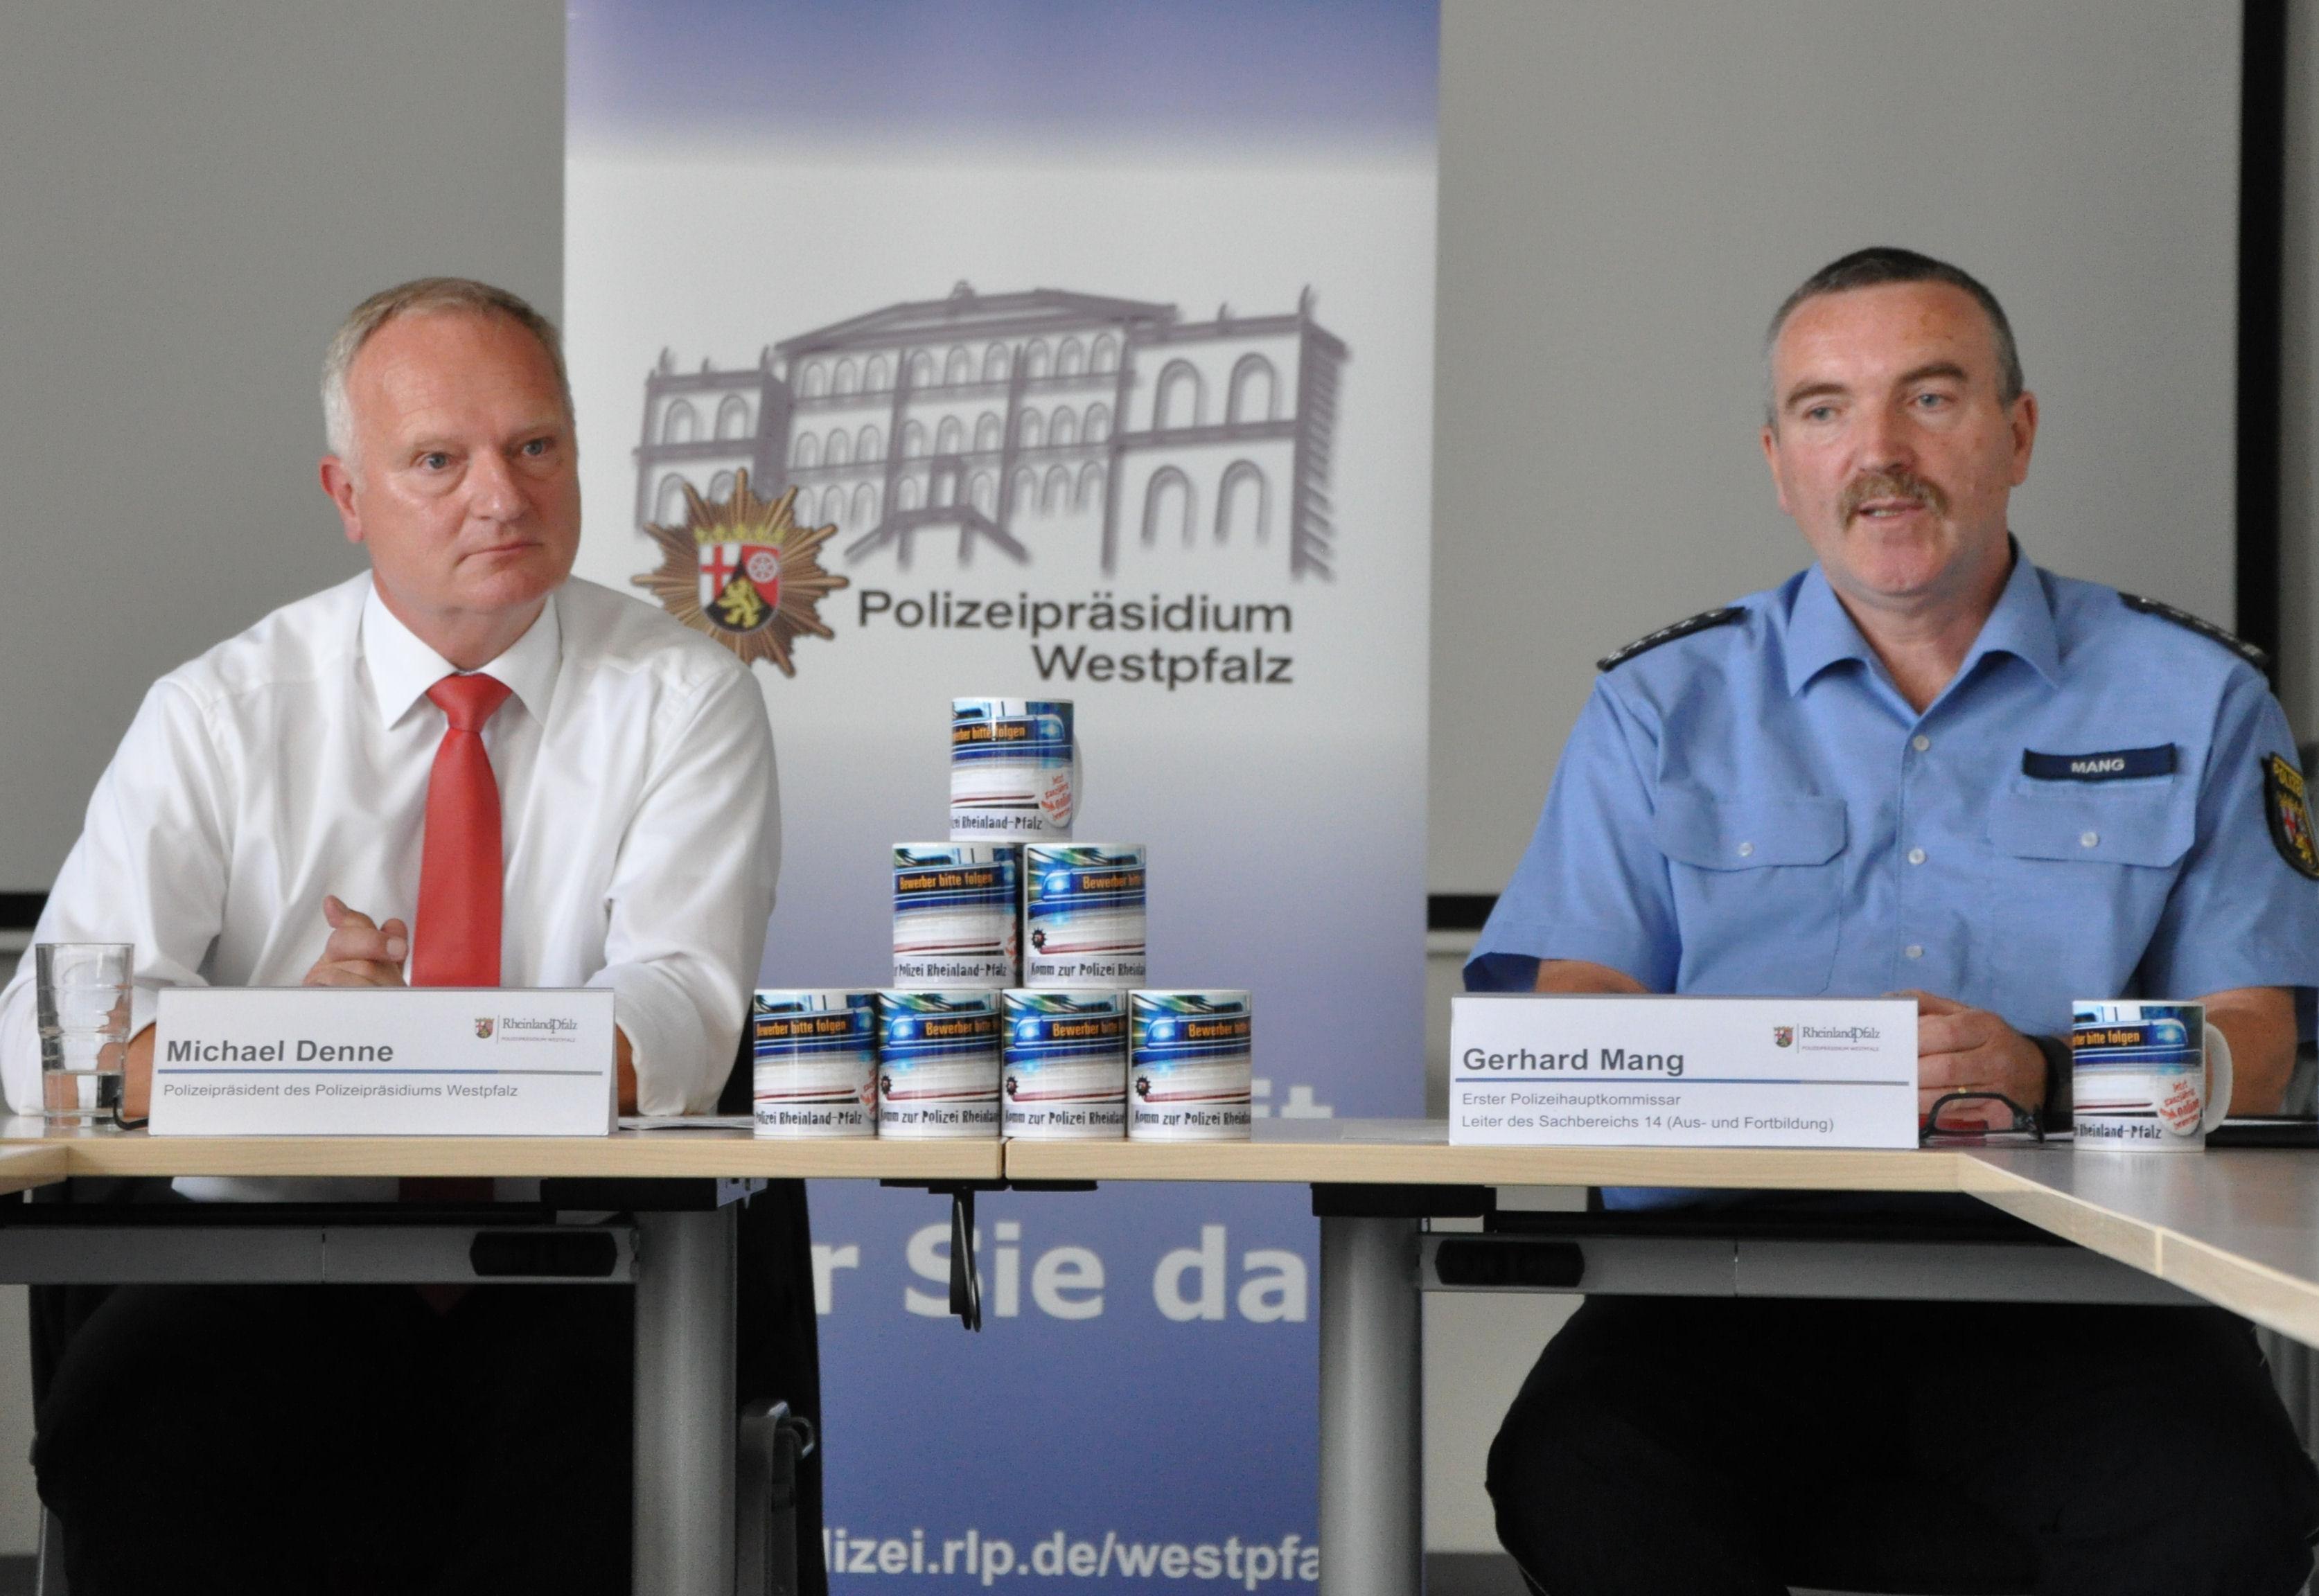 pol ppwp polizei forciert ihre nachwuchswerbung eine tassenaktion bildet den auftakt presseportal - Polizei Rlp Bewerbung